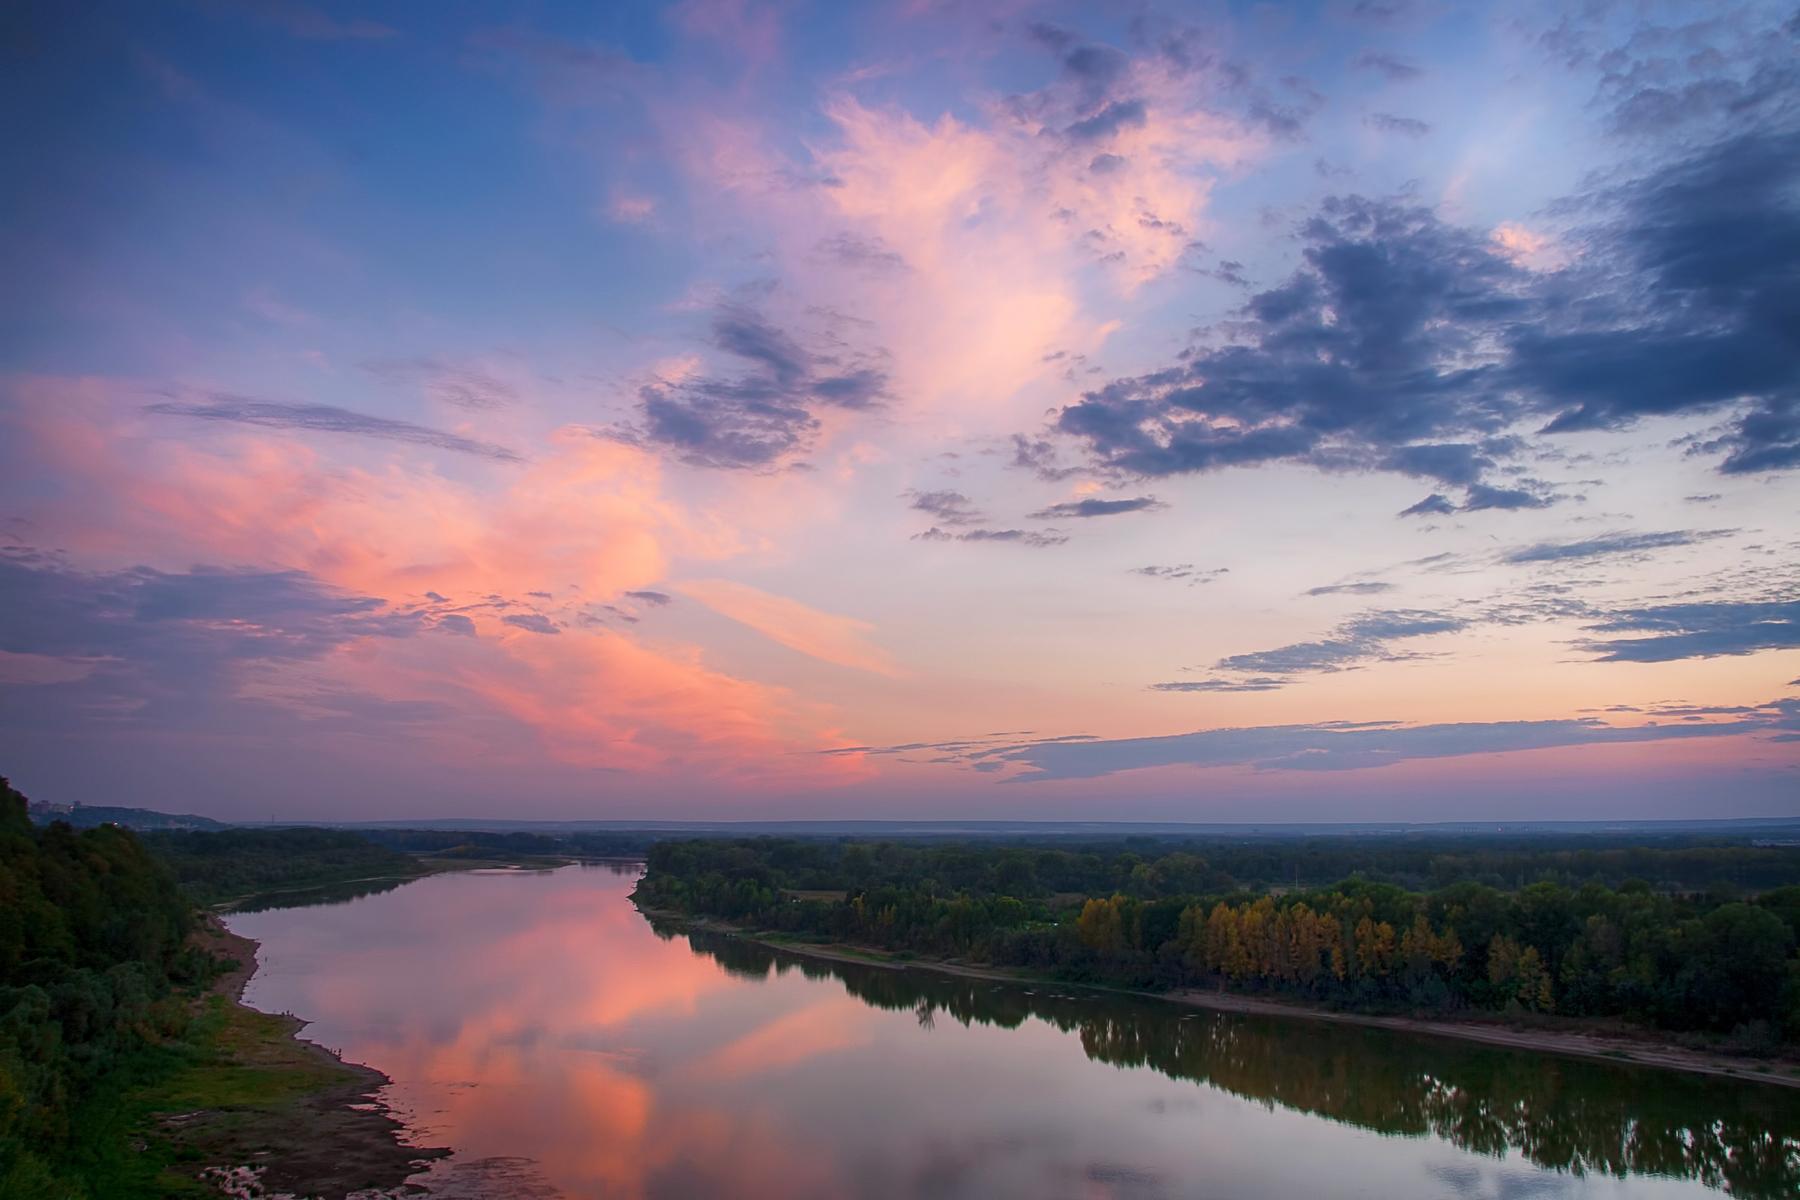 Riverscape, reflection